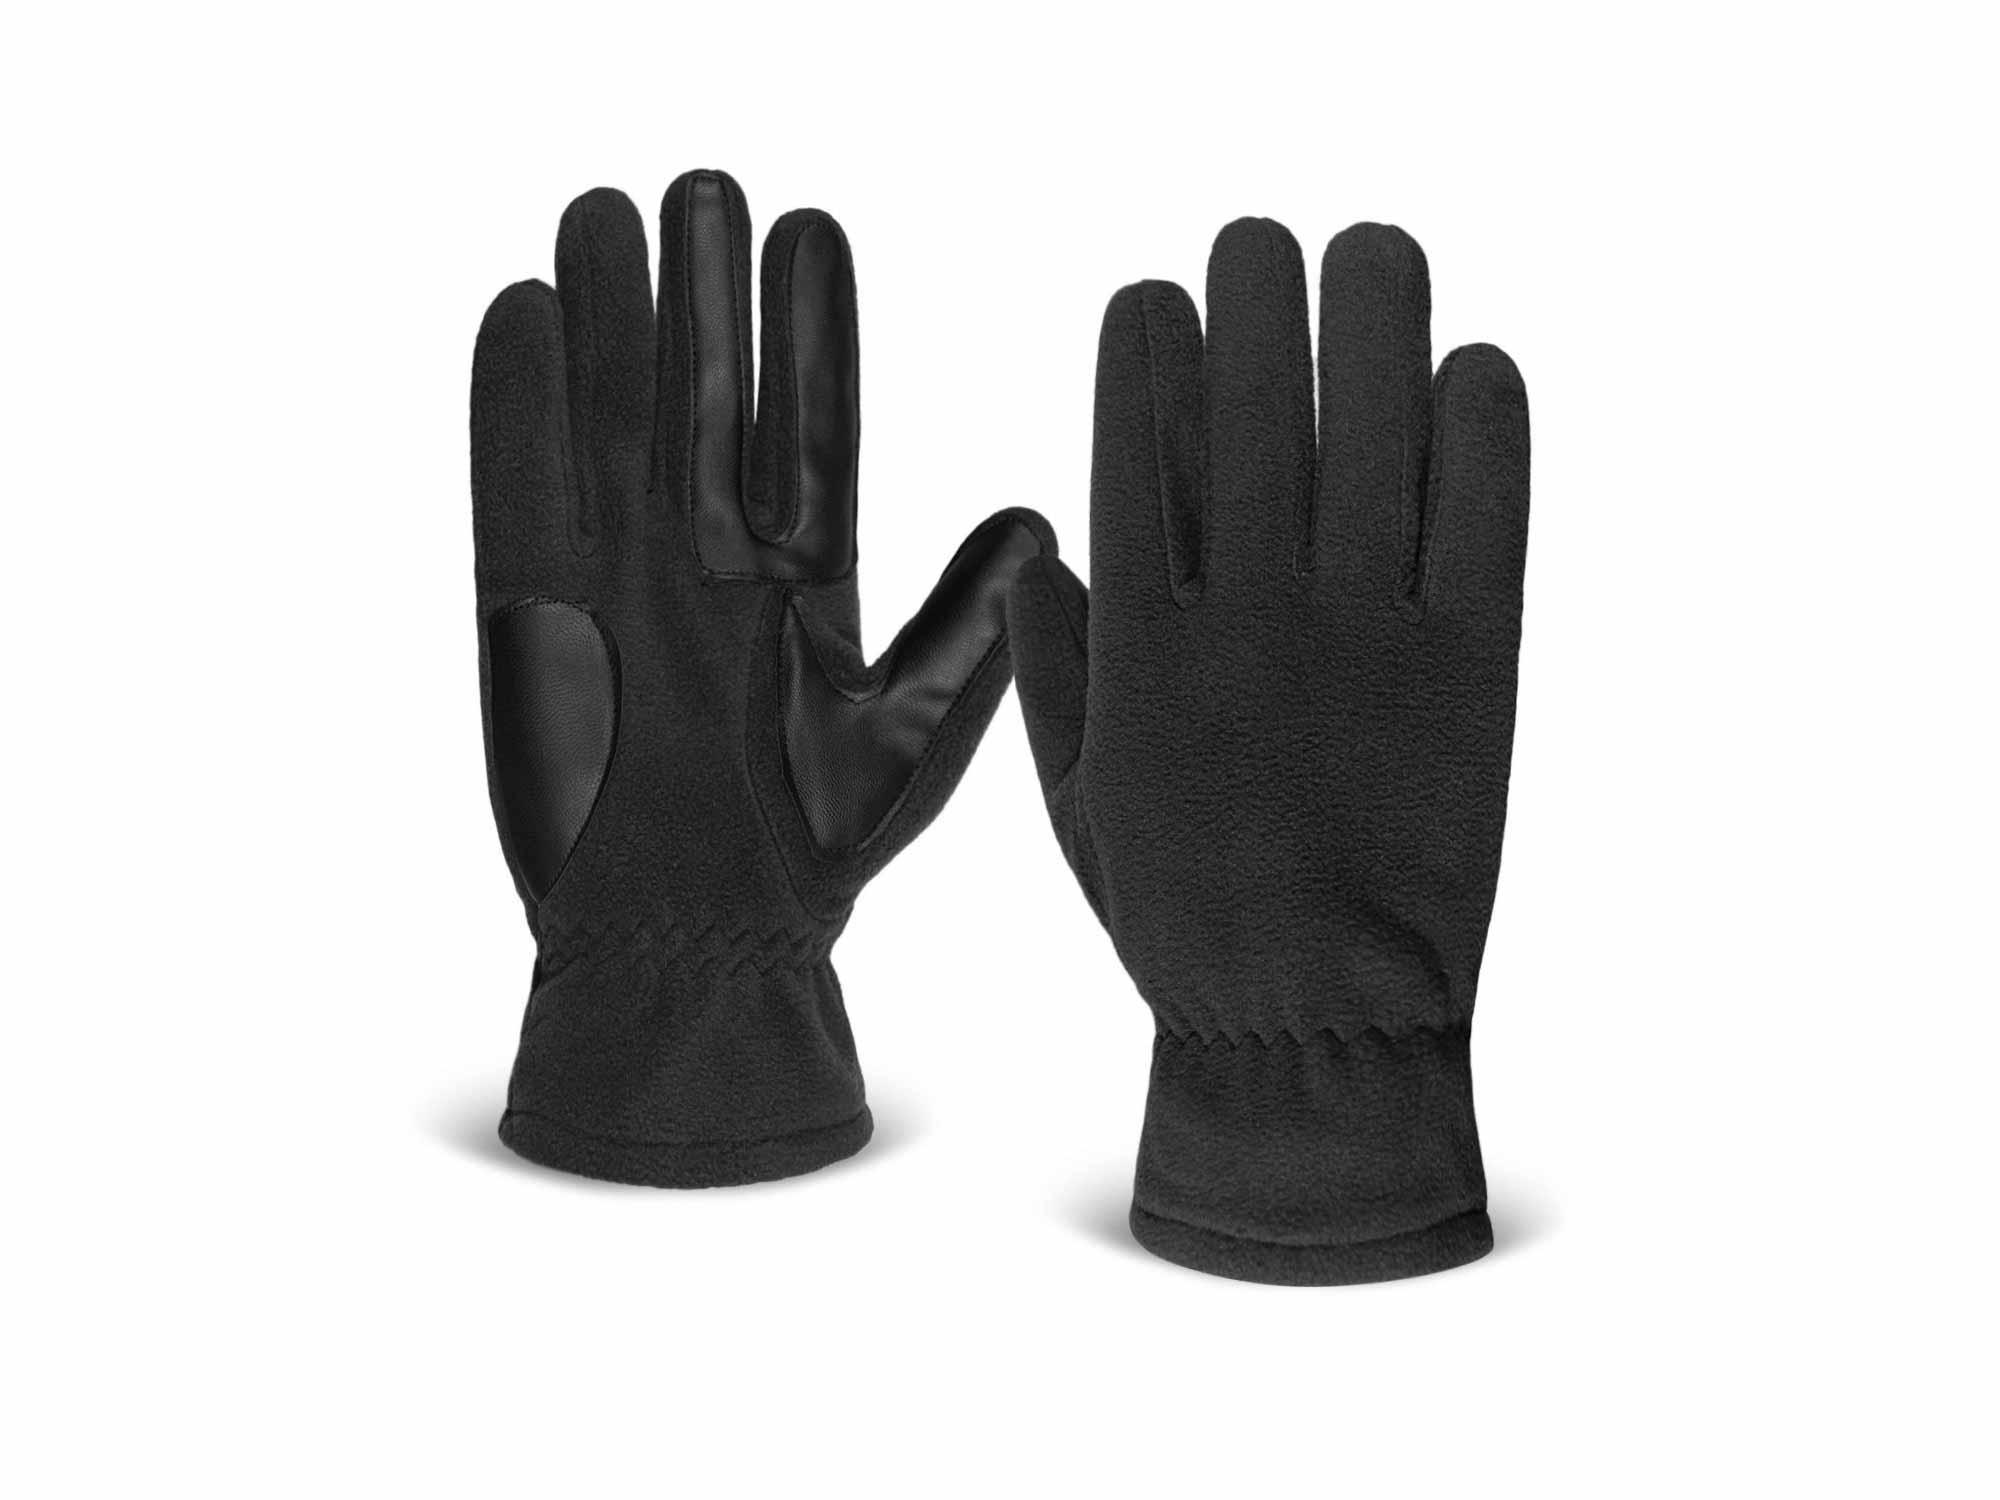 Lethmik fleece gloves